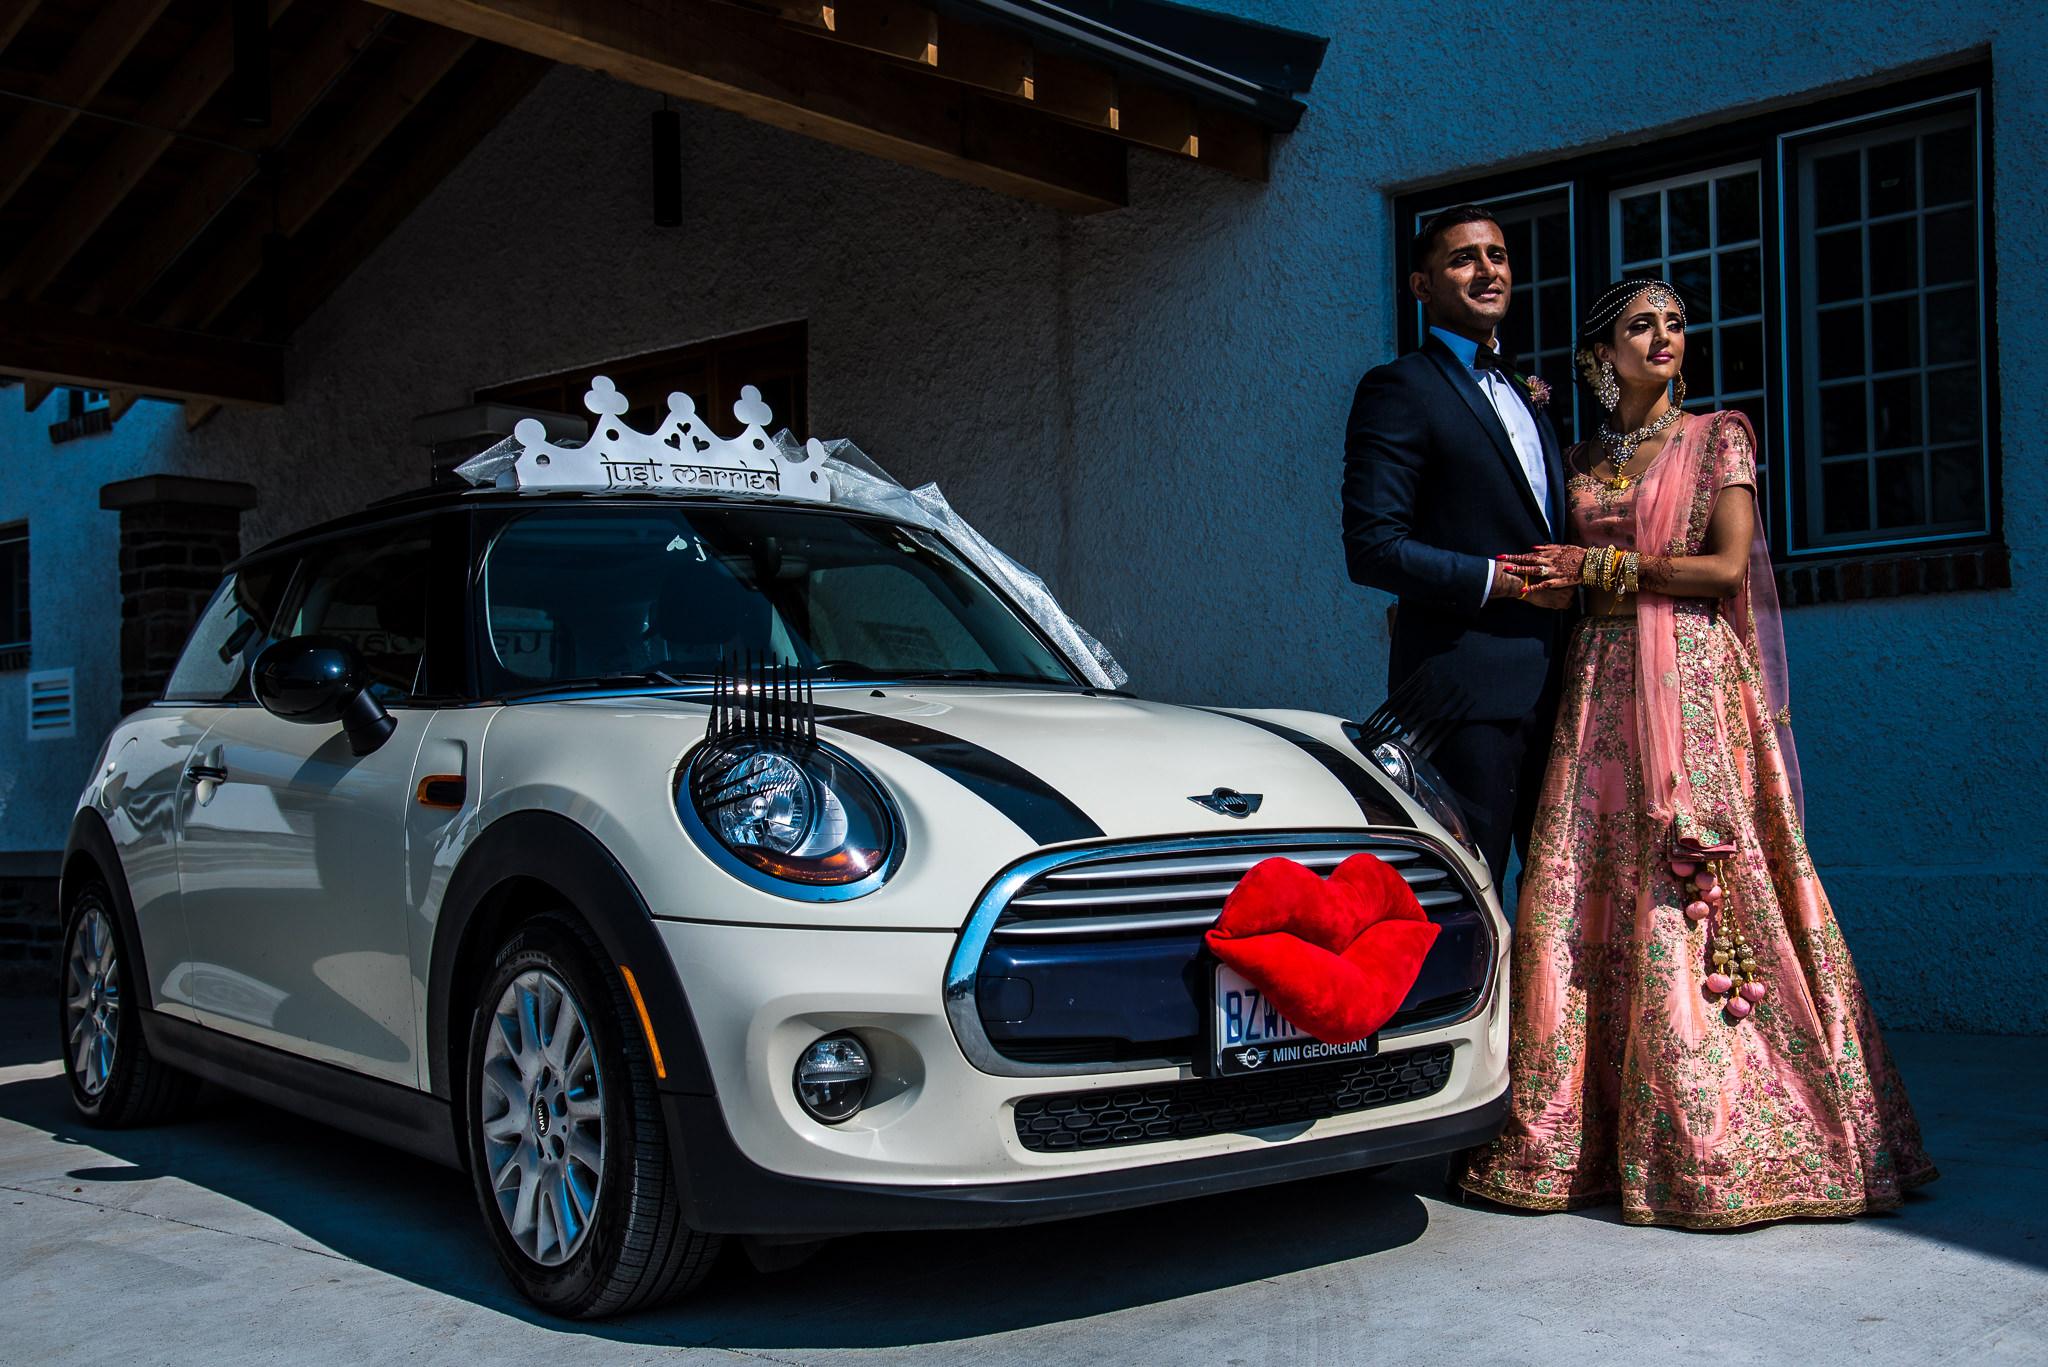 Cute Wedding Car